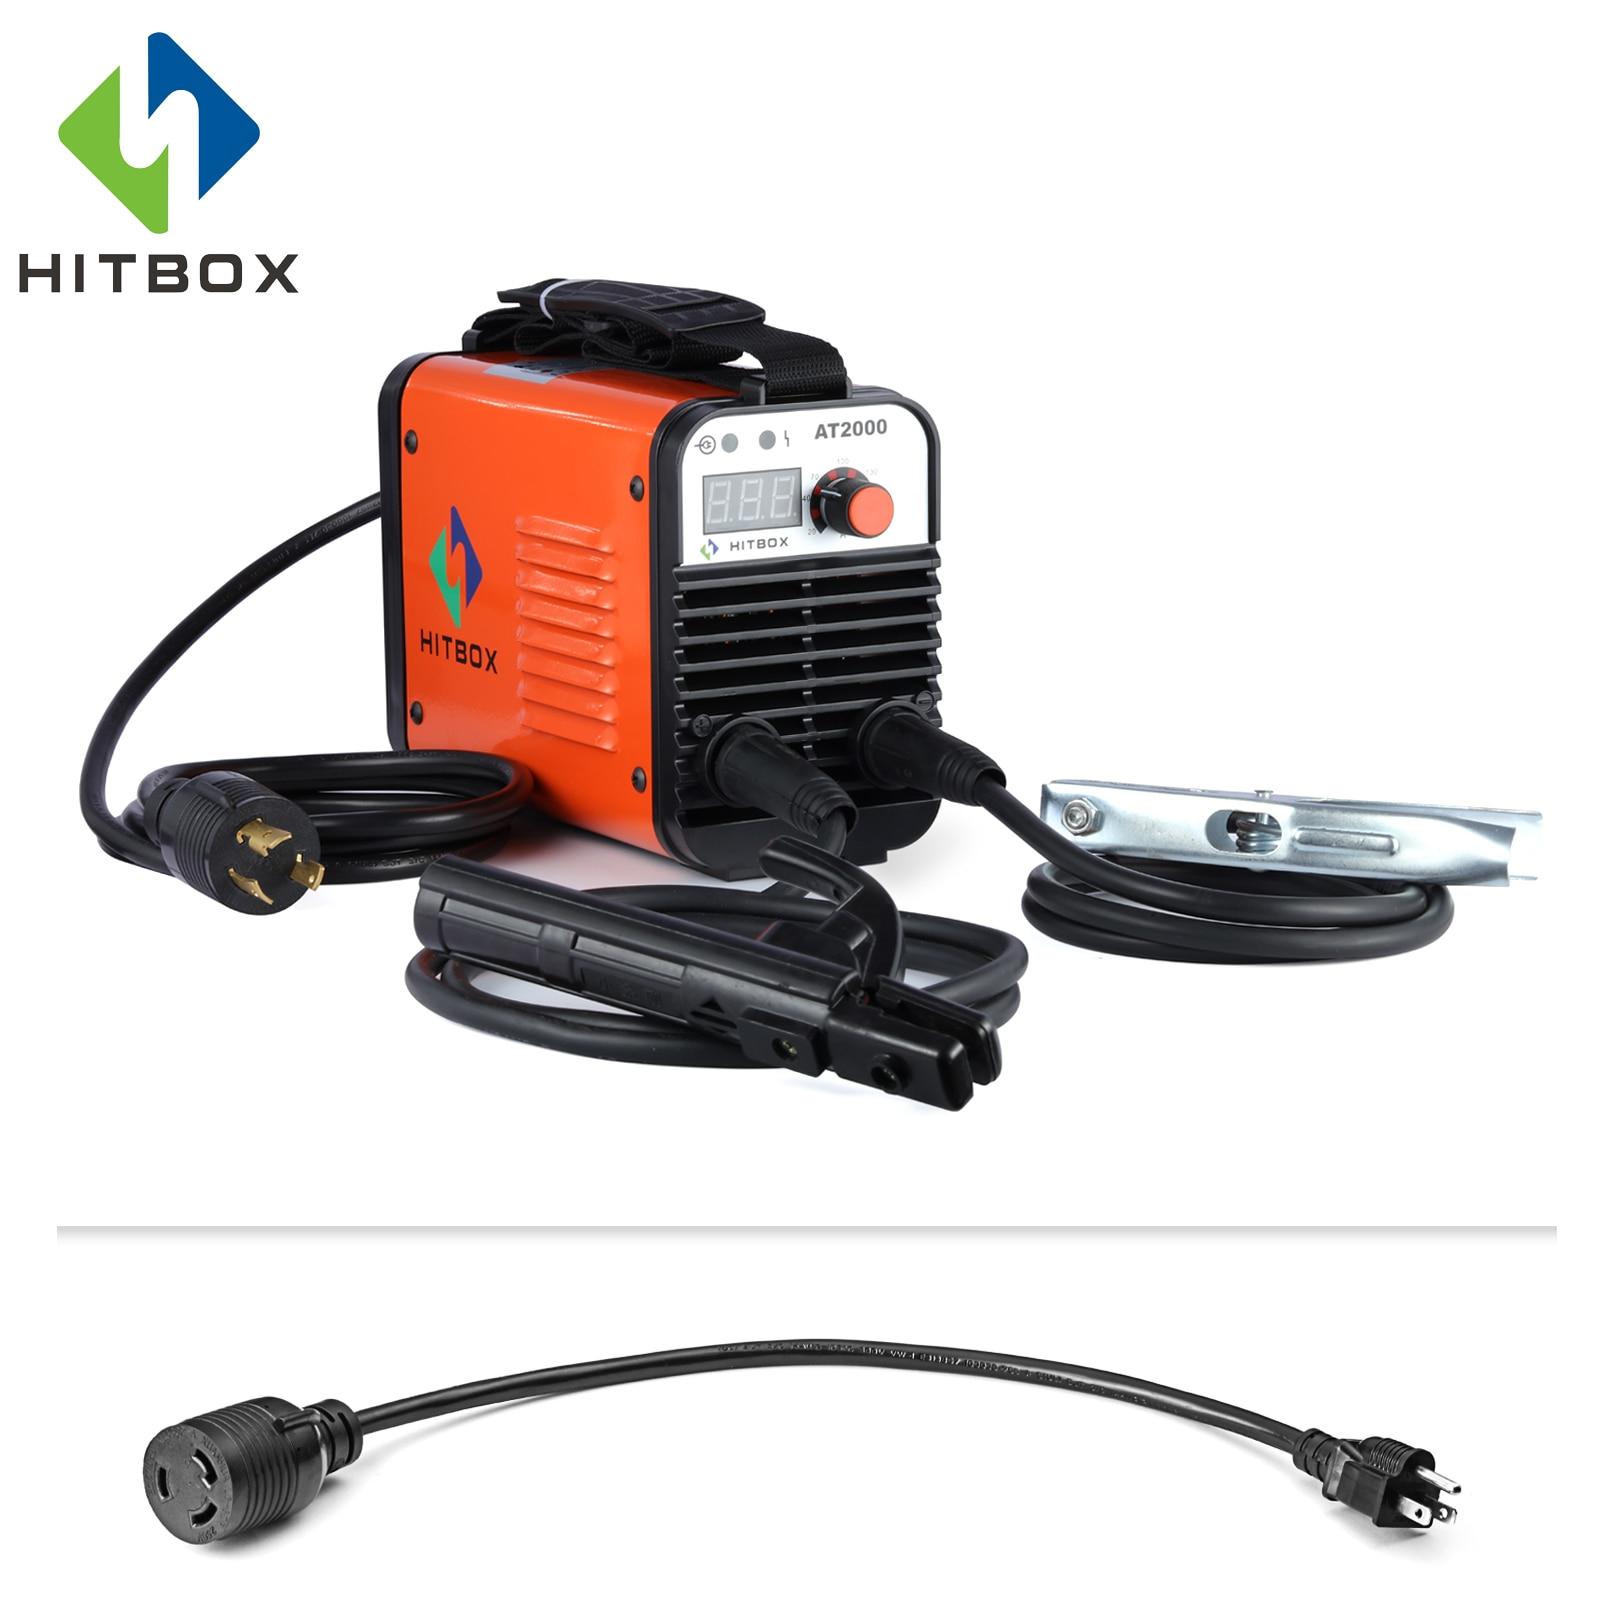 HITBOX Arc Welder 110V 220V AT2000 Inverter Arc Welder Dual Voltage IGBT Technology New Arrival MMA